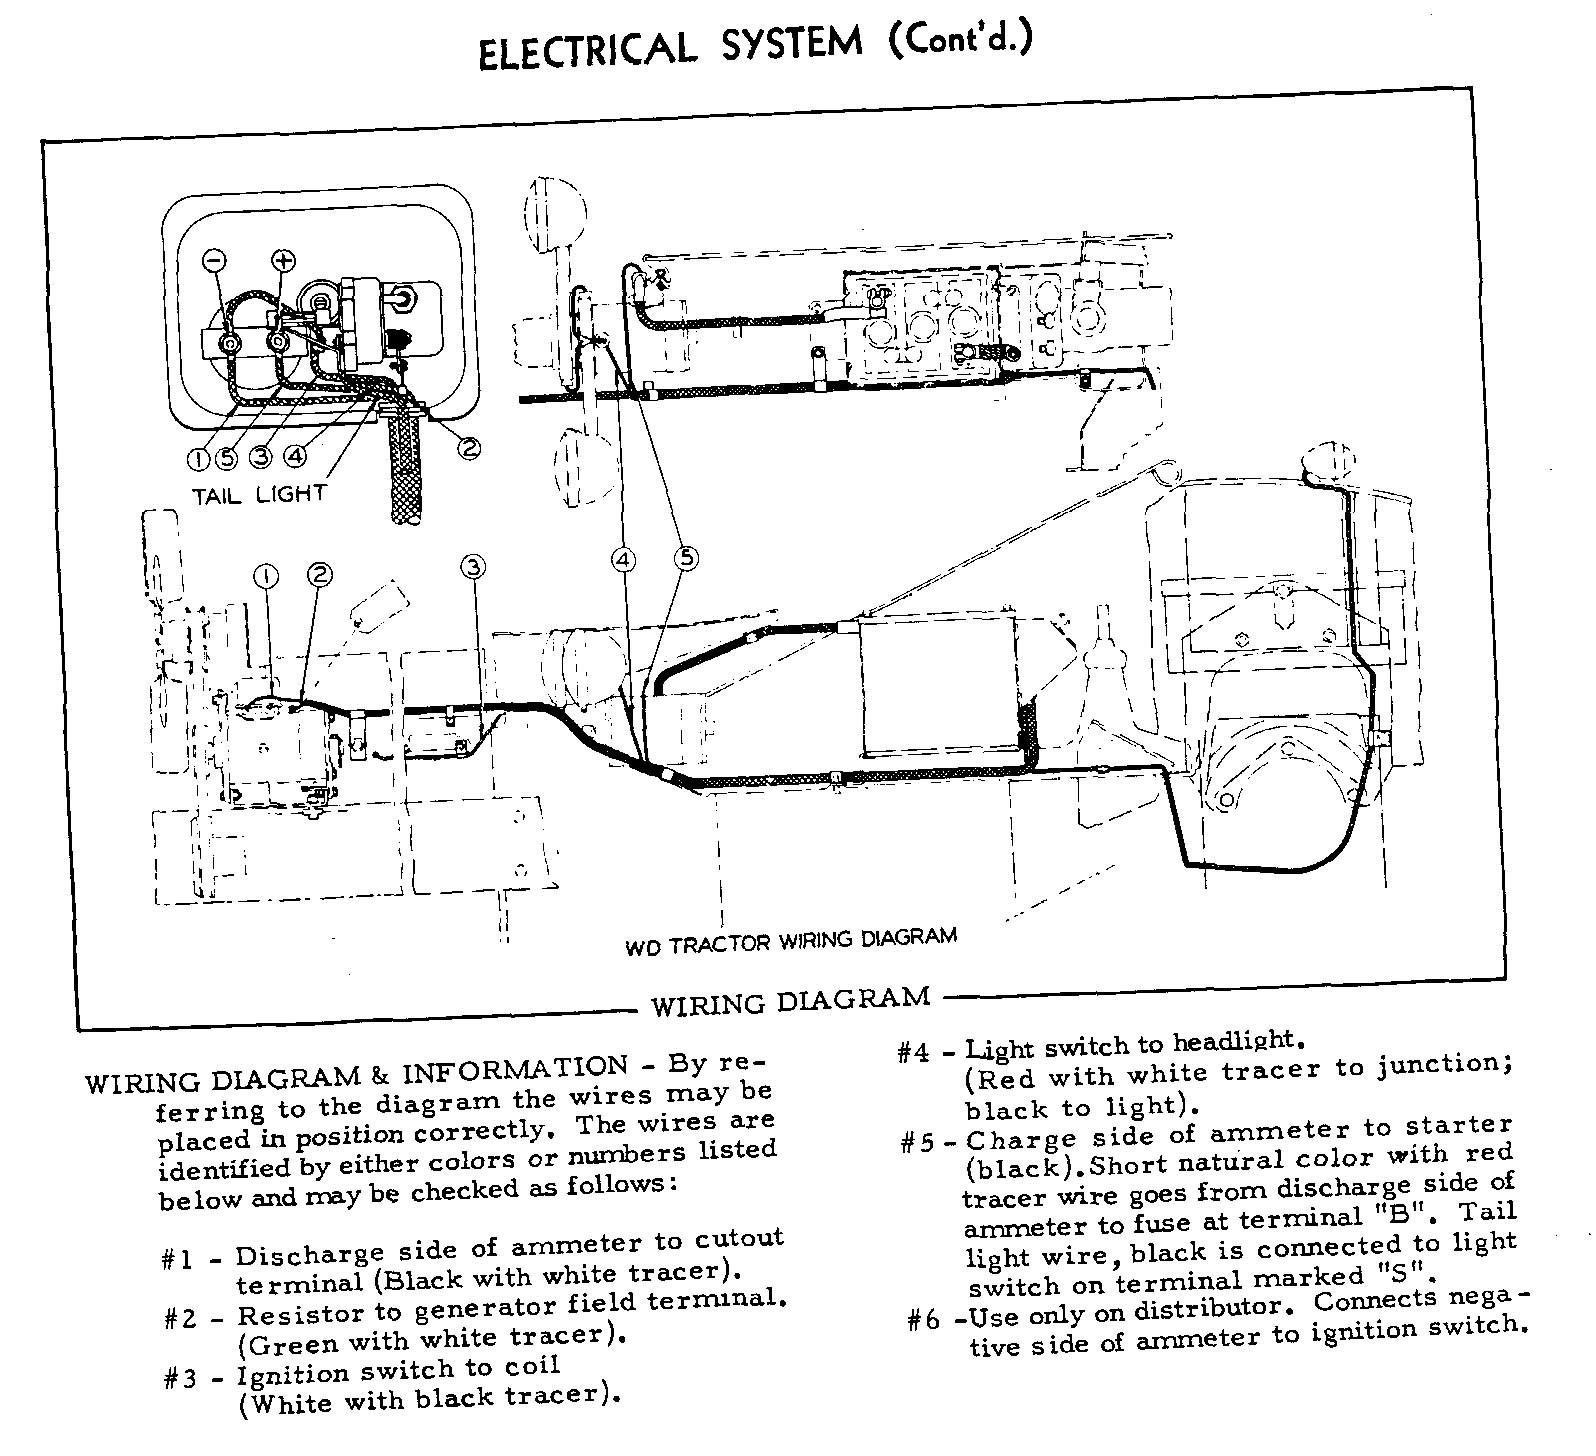 [SCHEMATICS_48DE]  5915 Universal Ignition Switch Wiring Diagram | My Wiring DIagram | Wiring  Library | 20v Wiring Diagram |  | Wiring Library